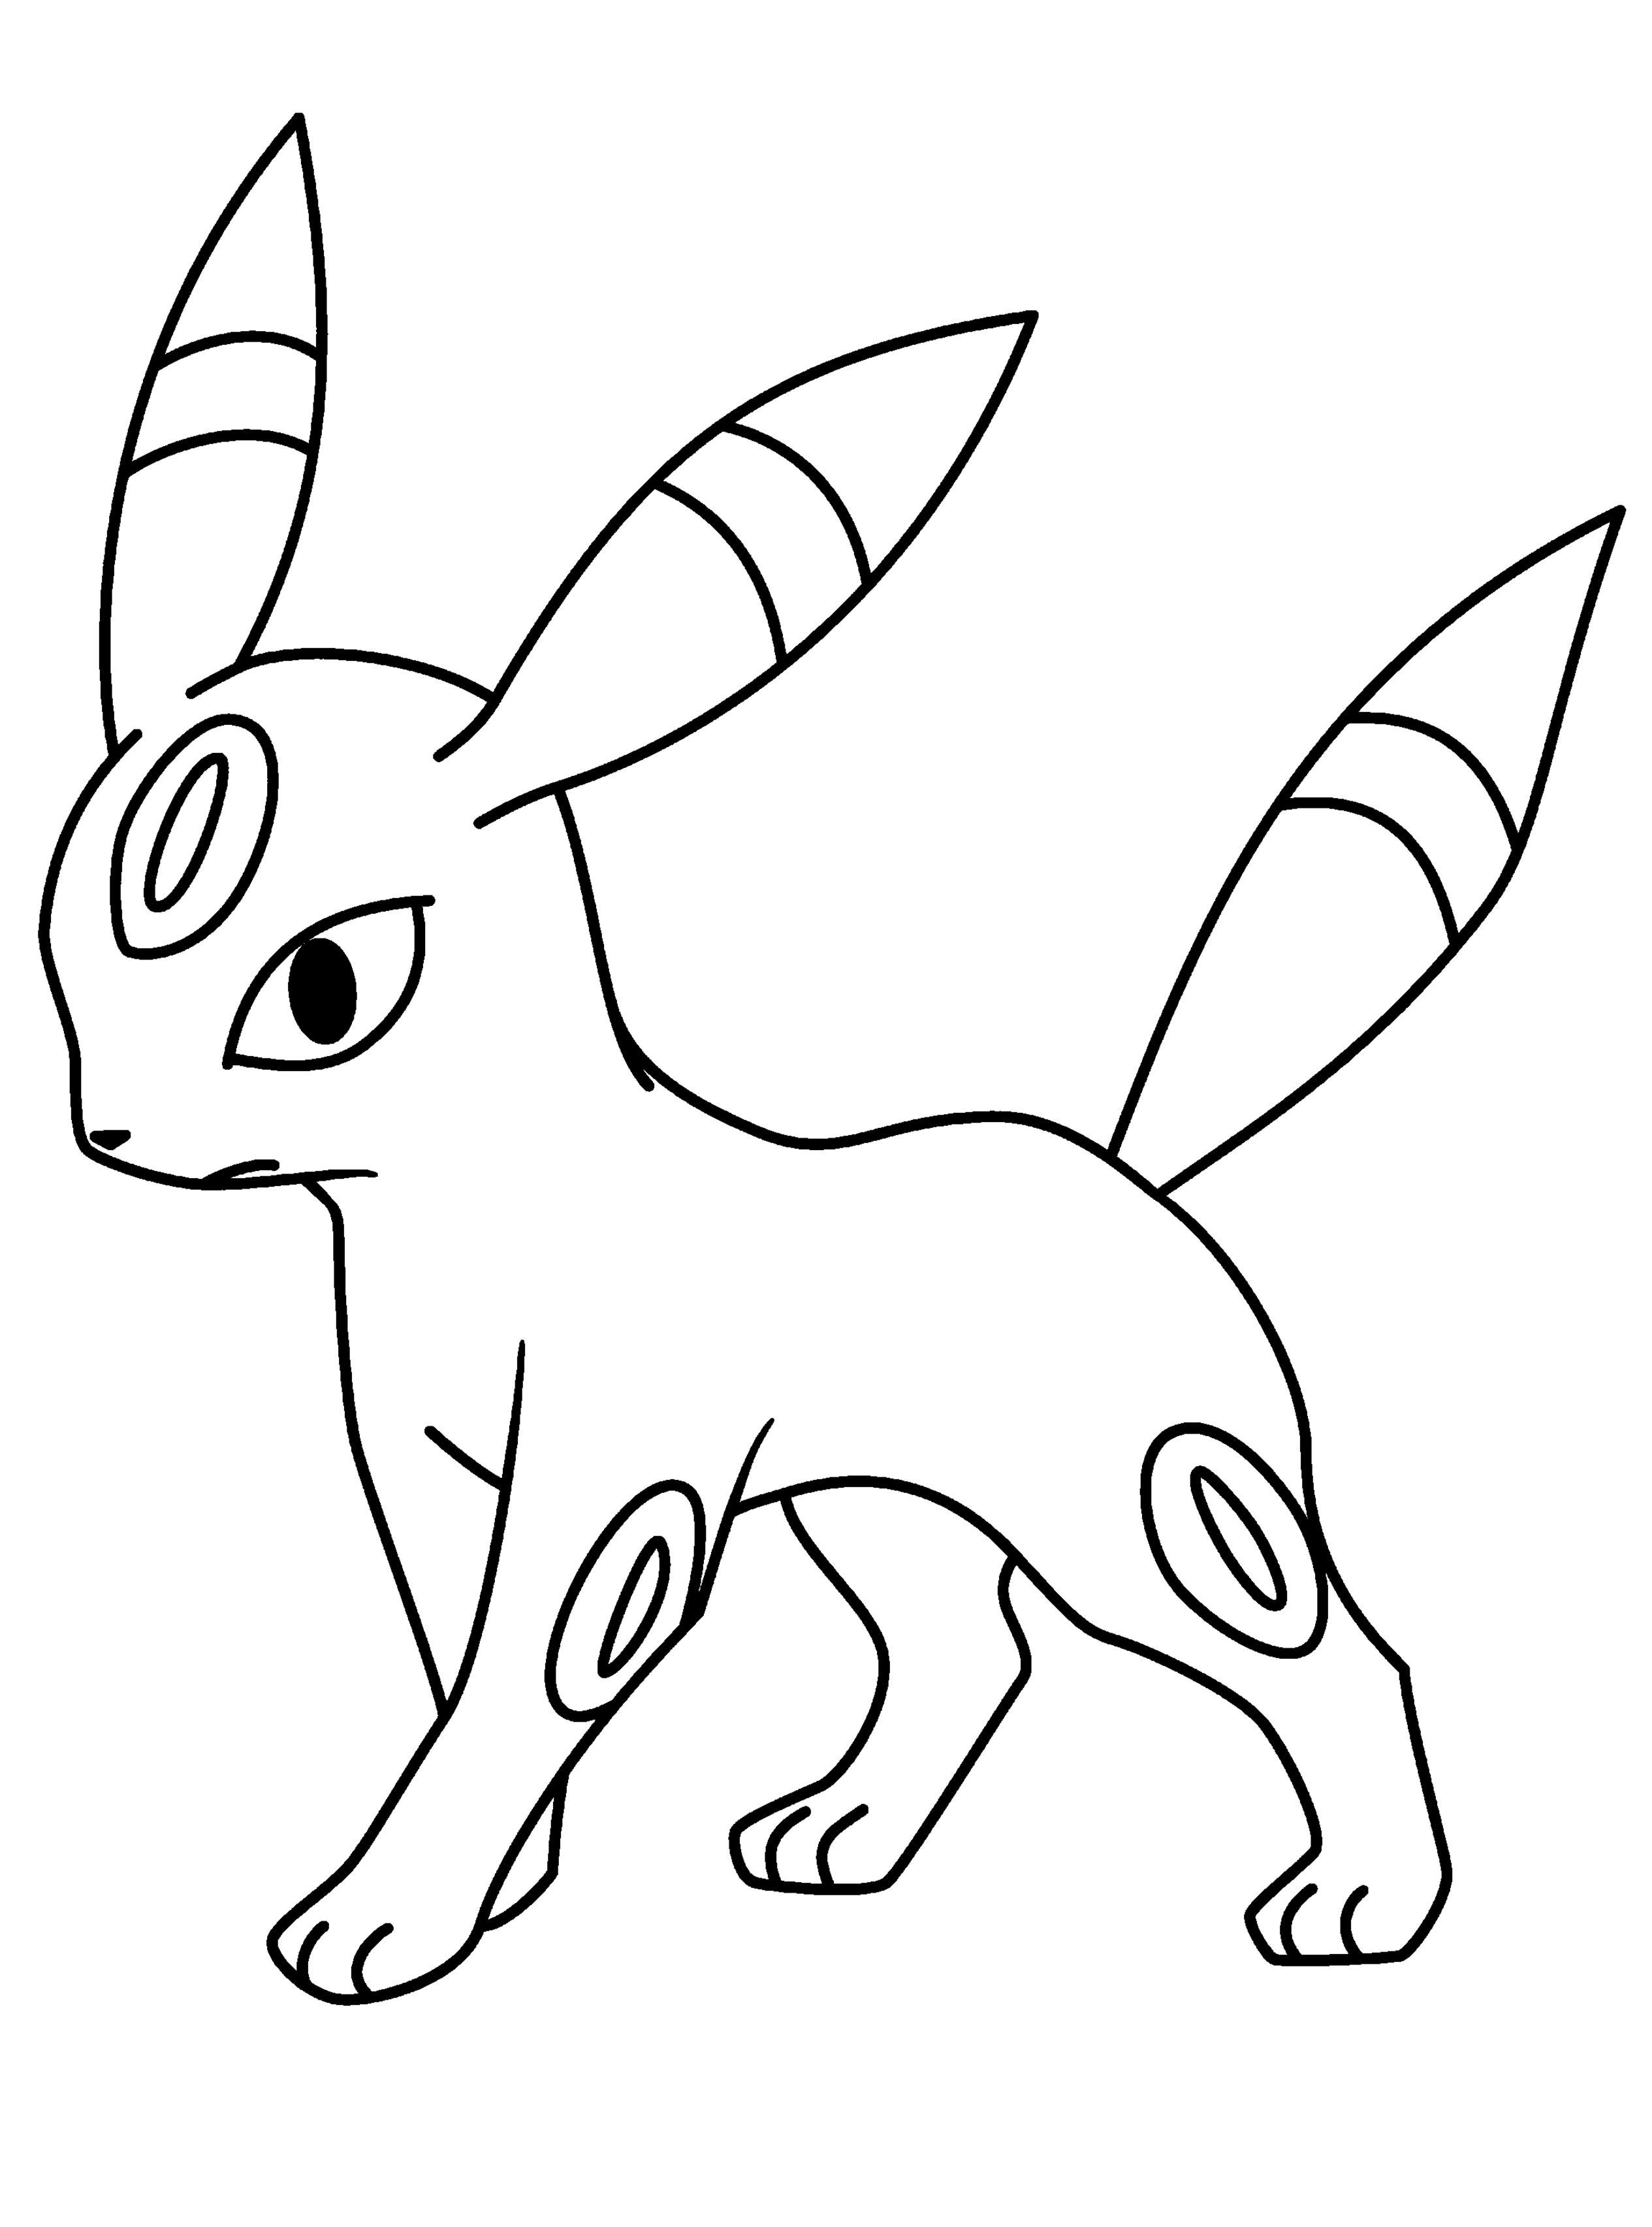 Pokemon Bilder Zum Ausdrucken In Farbe Genial Malvorlagen Igel Einzigartig Igel Grundschule 0d Archives Elegant Galerie